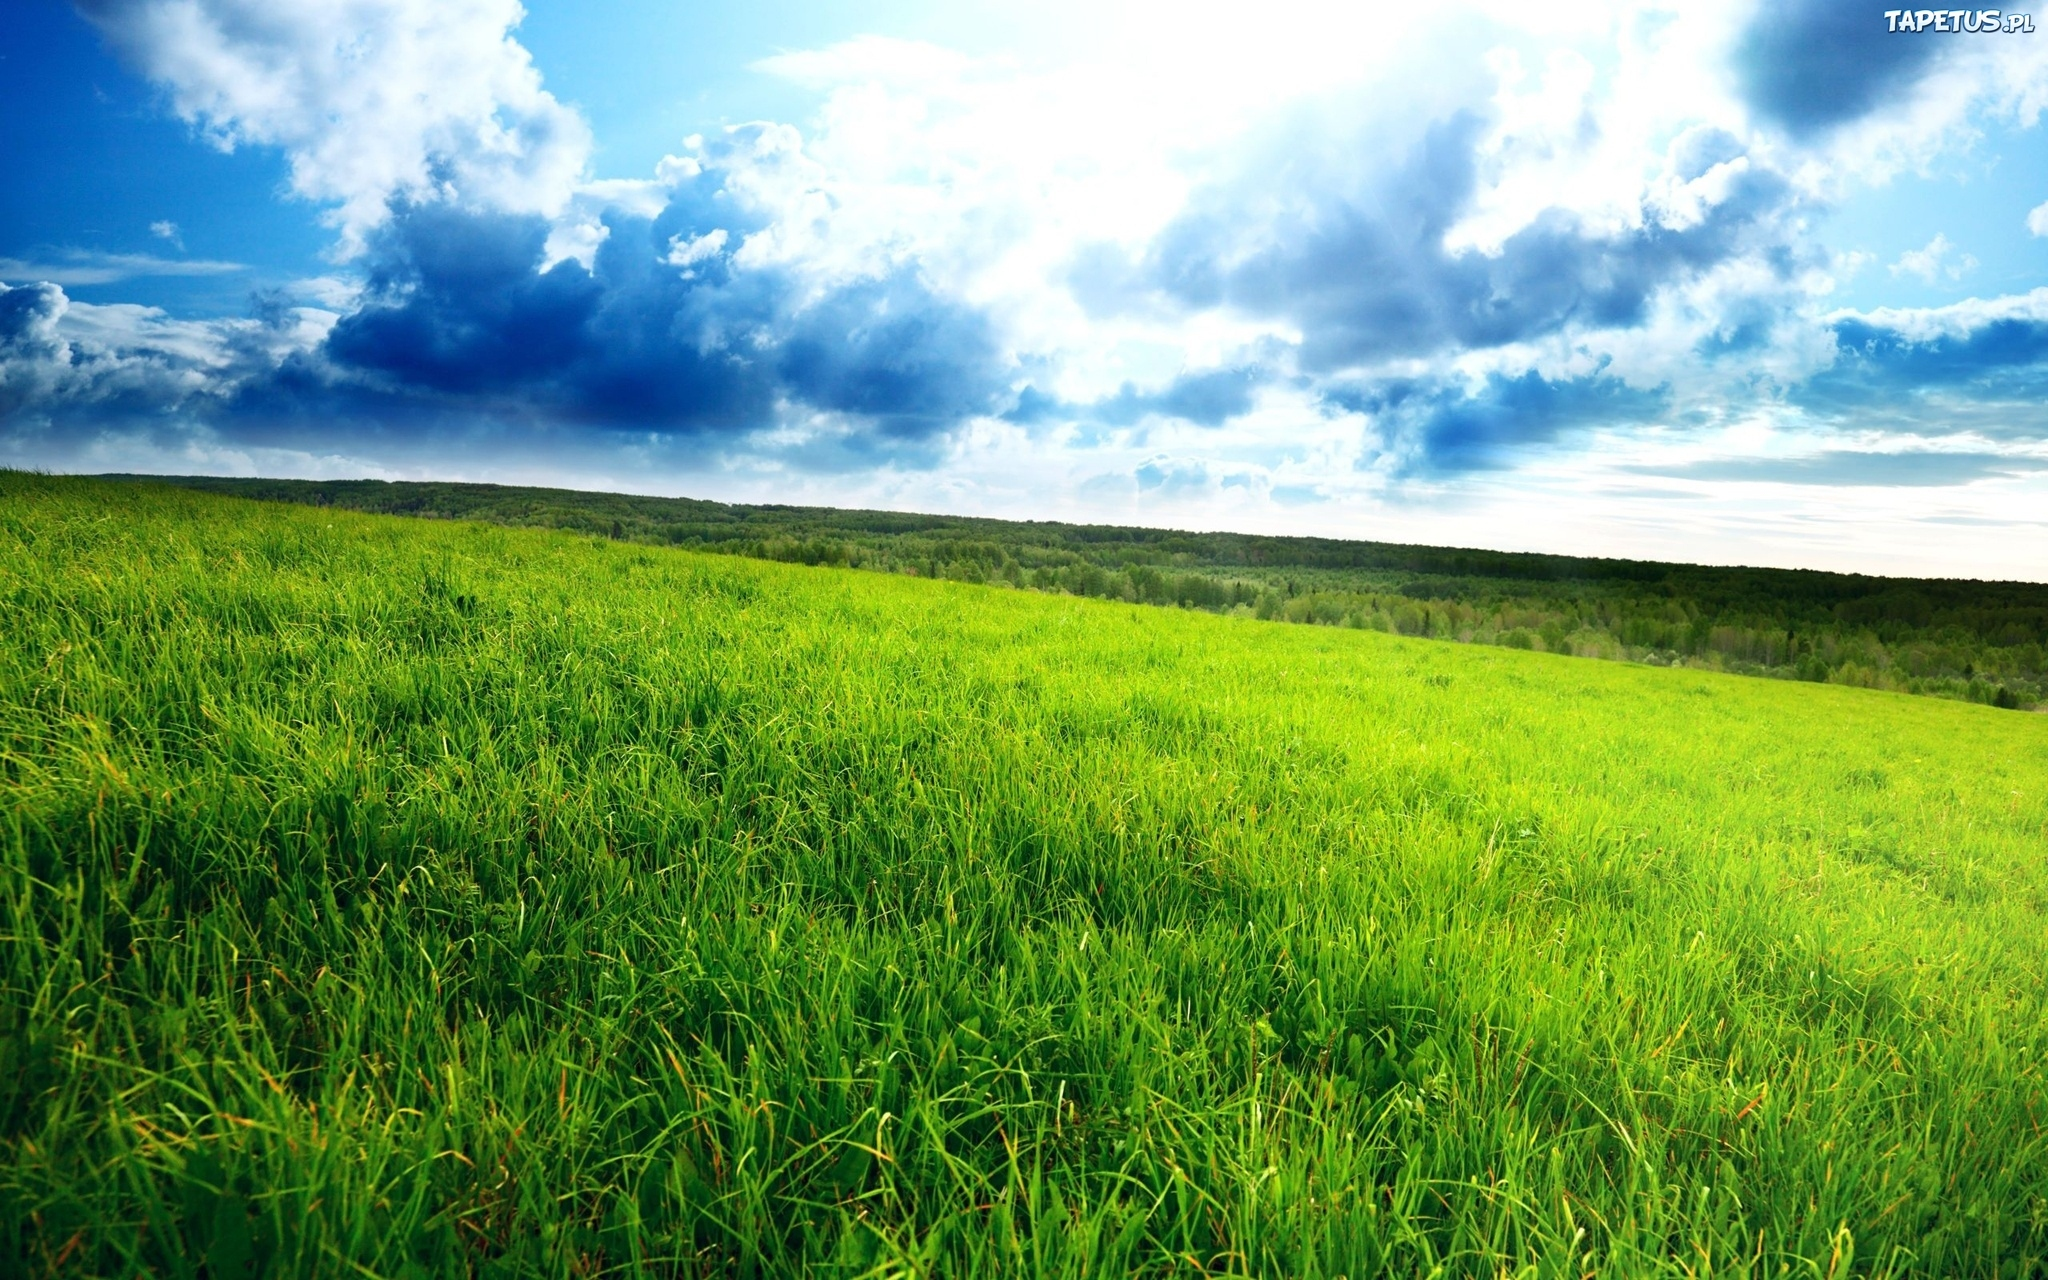 лужайка трава небо скачать